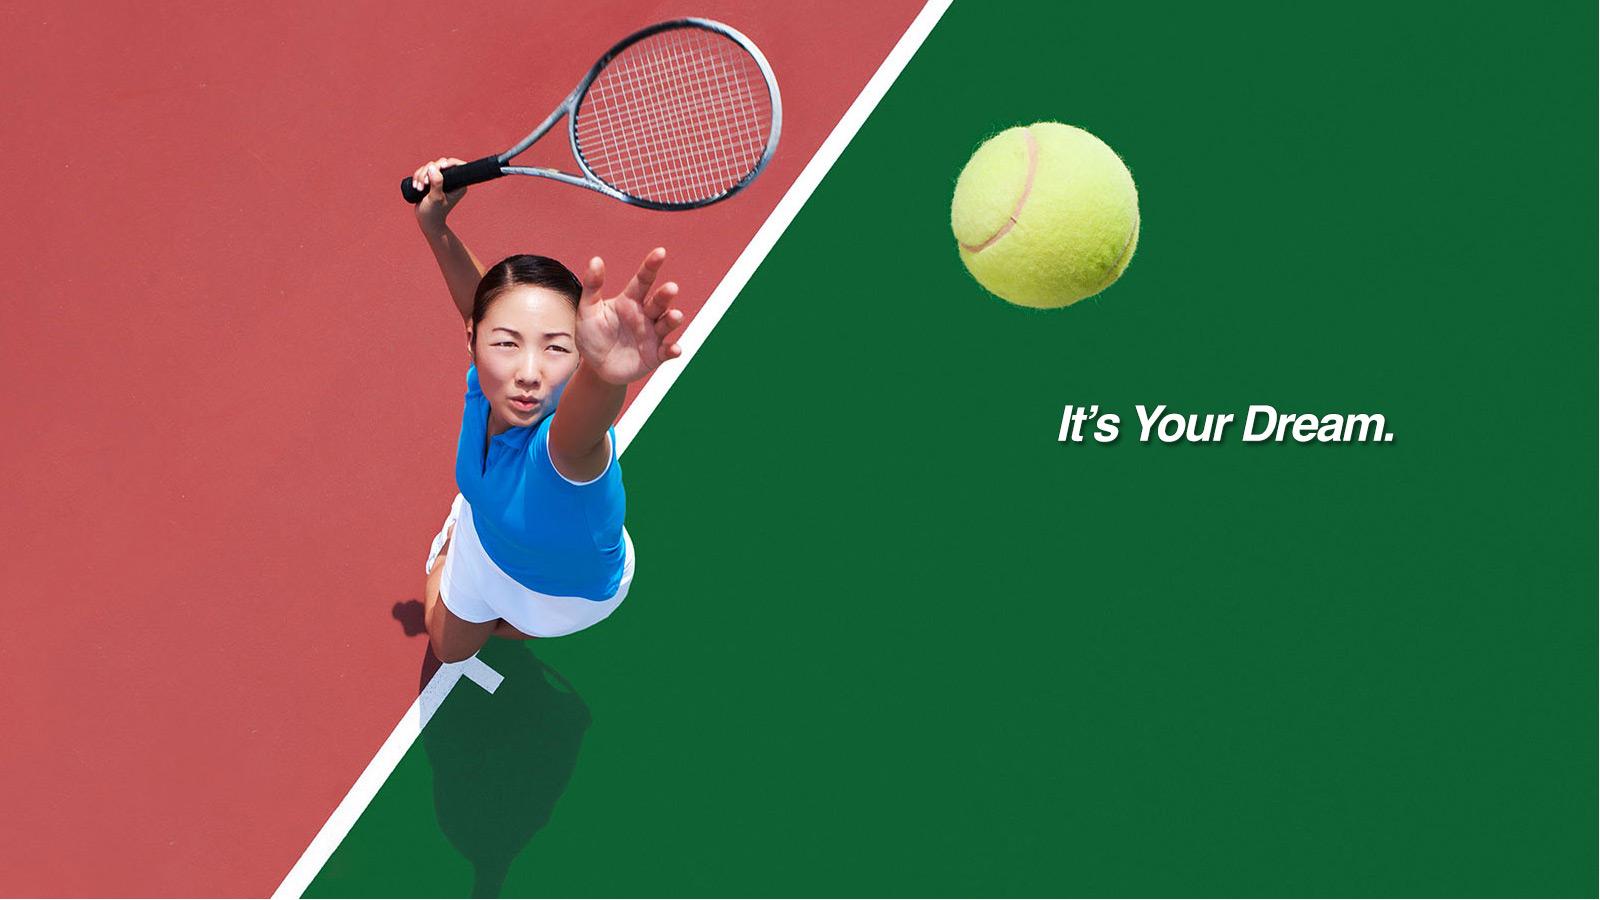 tennisstar_wtext